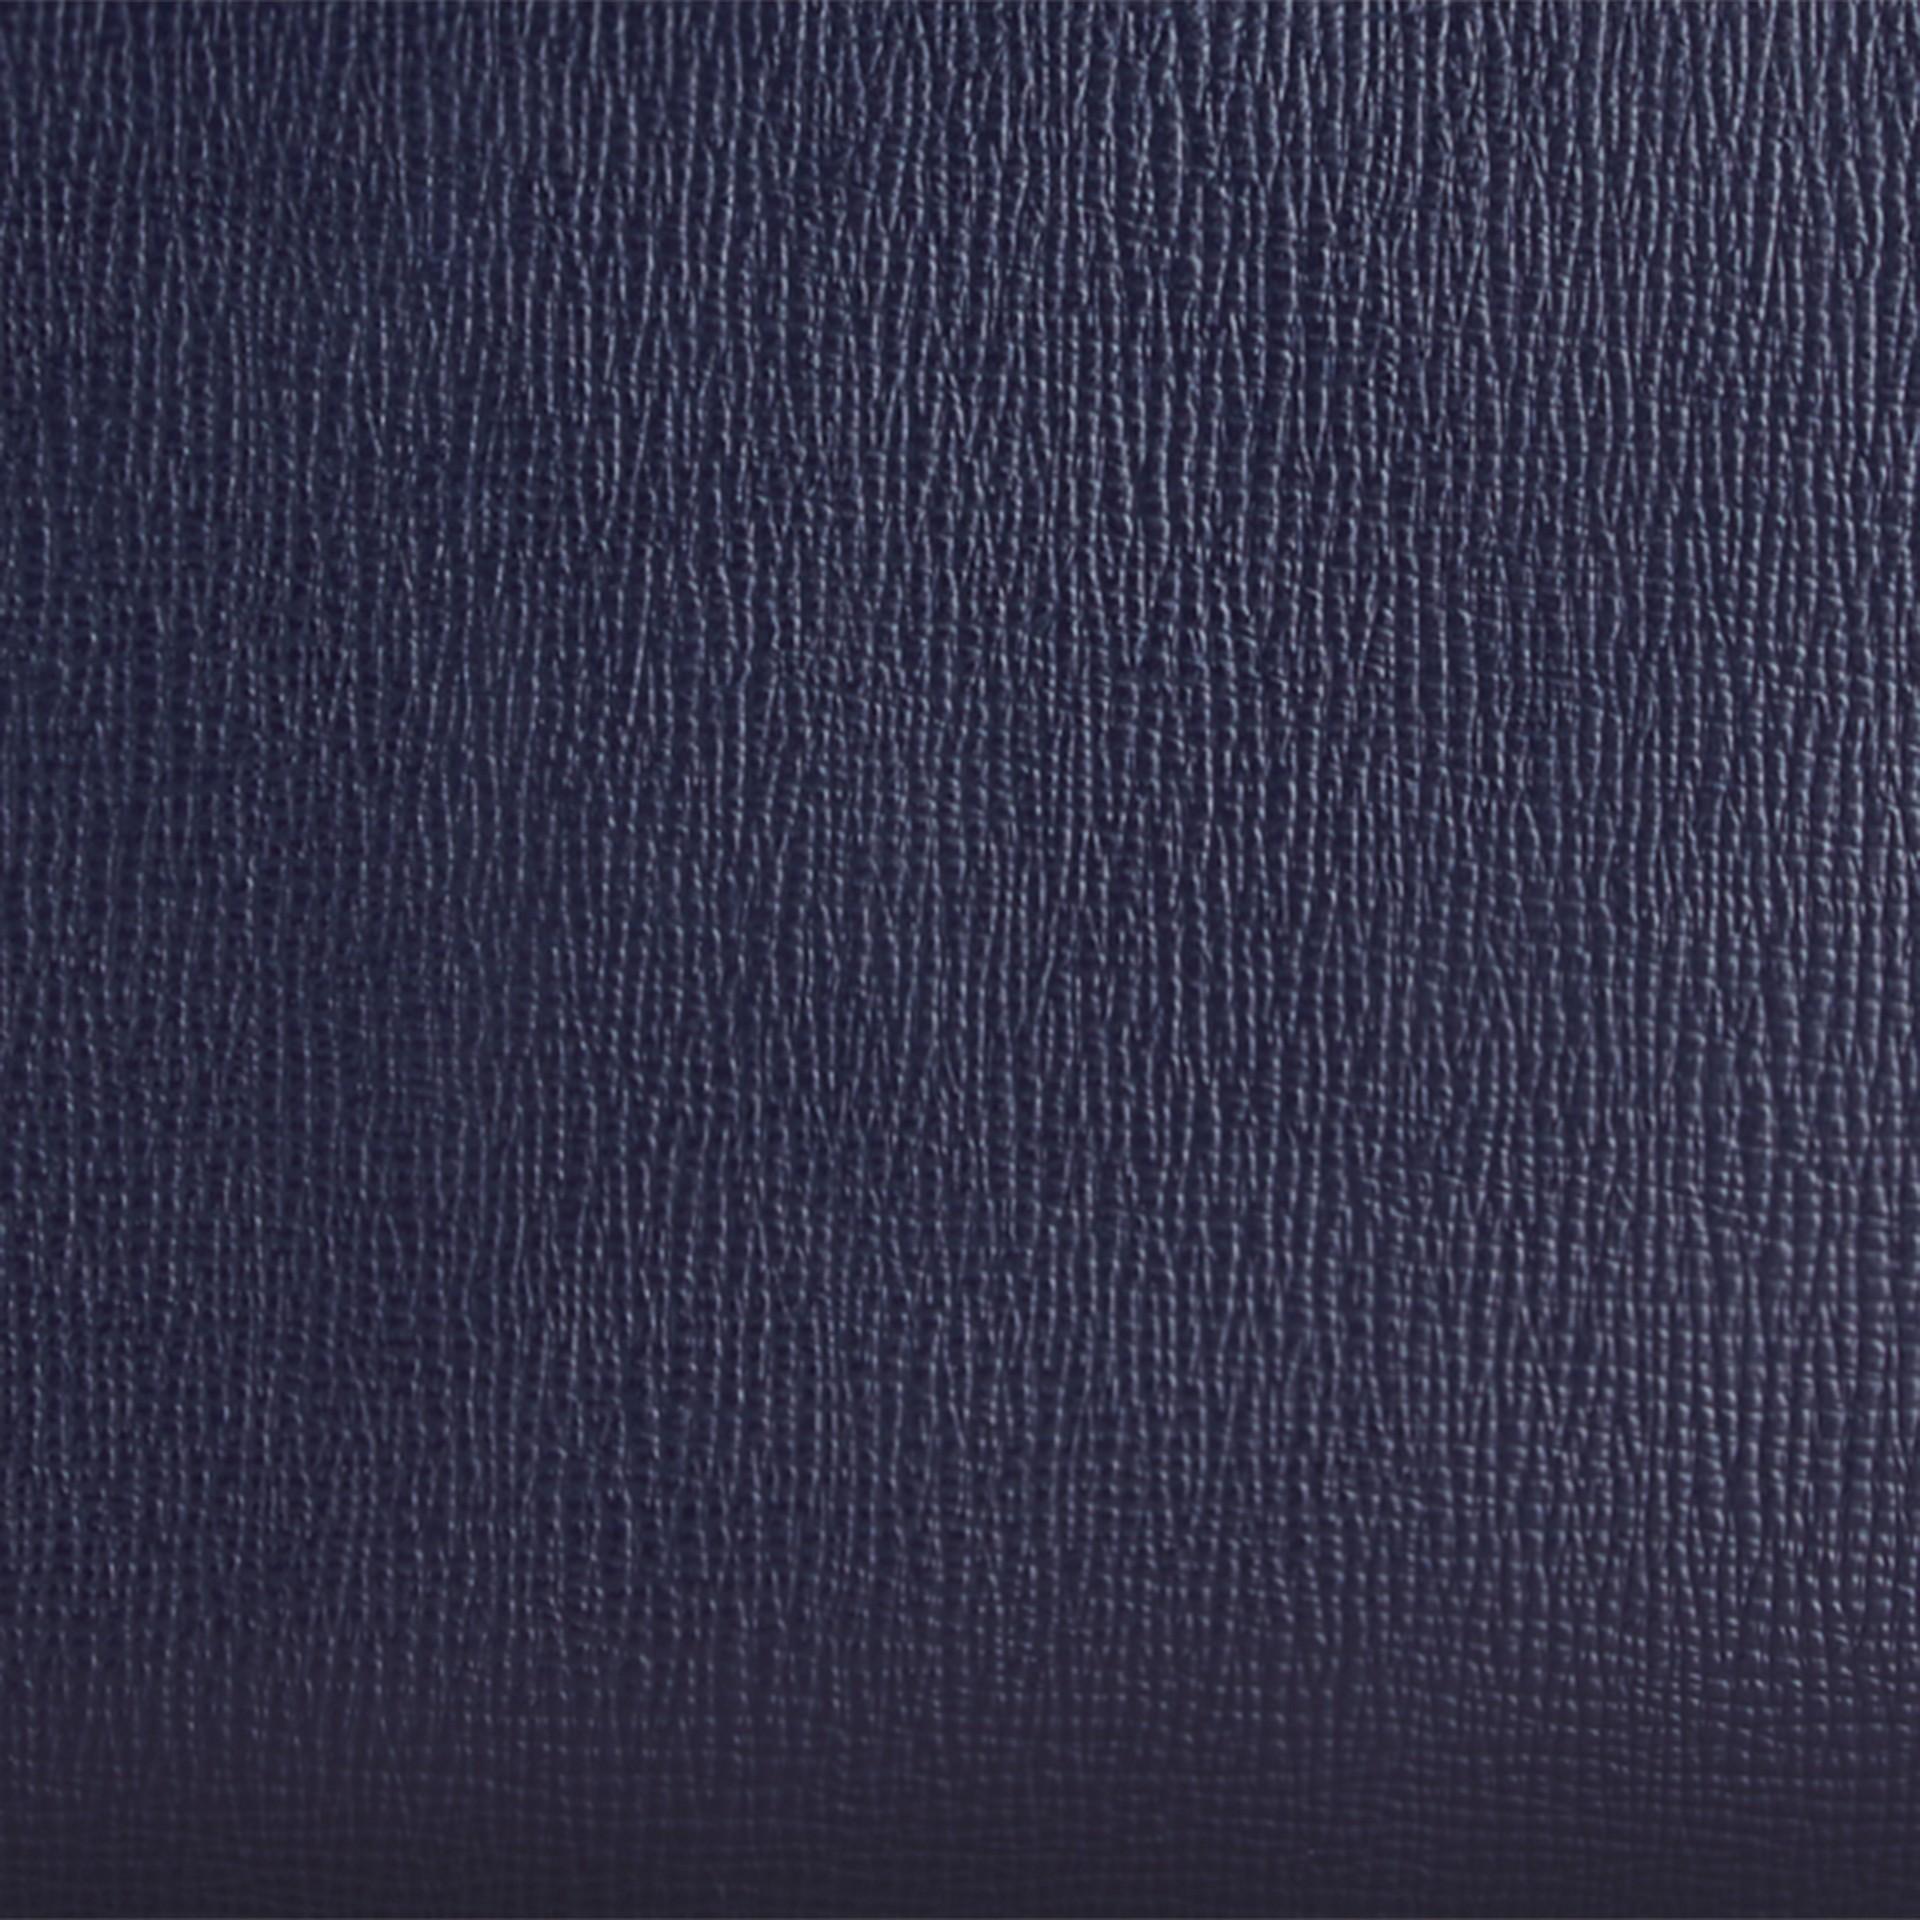 Navy scuro Portafoglio in pelle London con cerniera su tre lati Navy Scuro - immagine della galleria 2